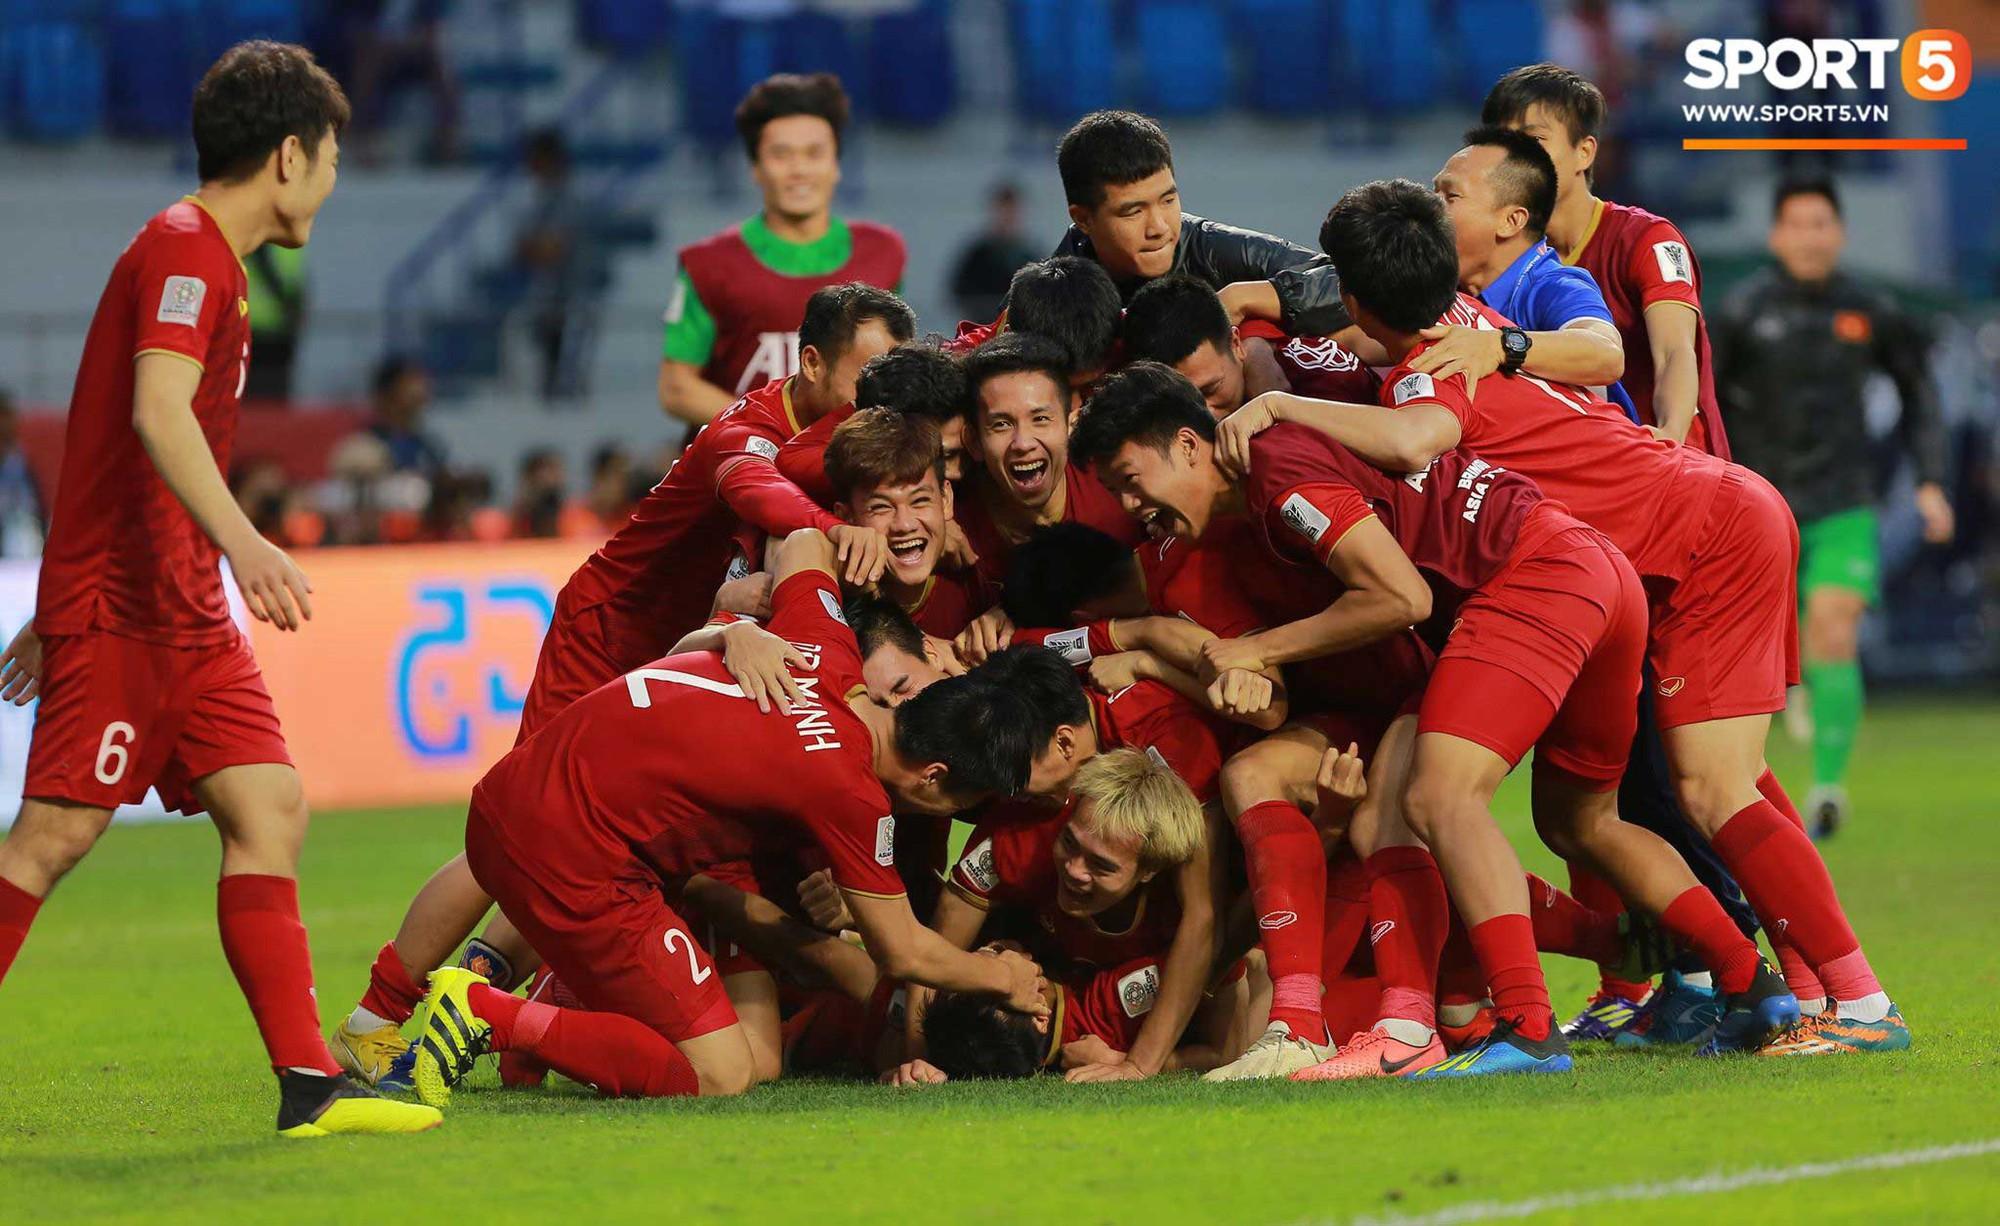 Bức thư khẩn gửi đội tuyển Việt Nam với phong cách chuyên Sử gây sốt MXH vì quá độc đáo và hào hùng - Ảnh 3.